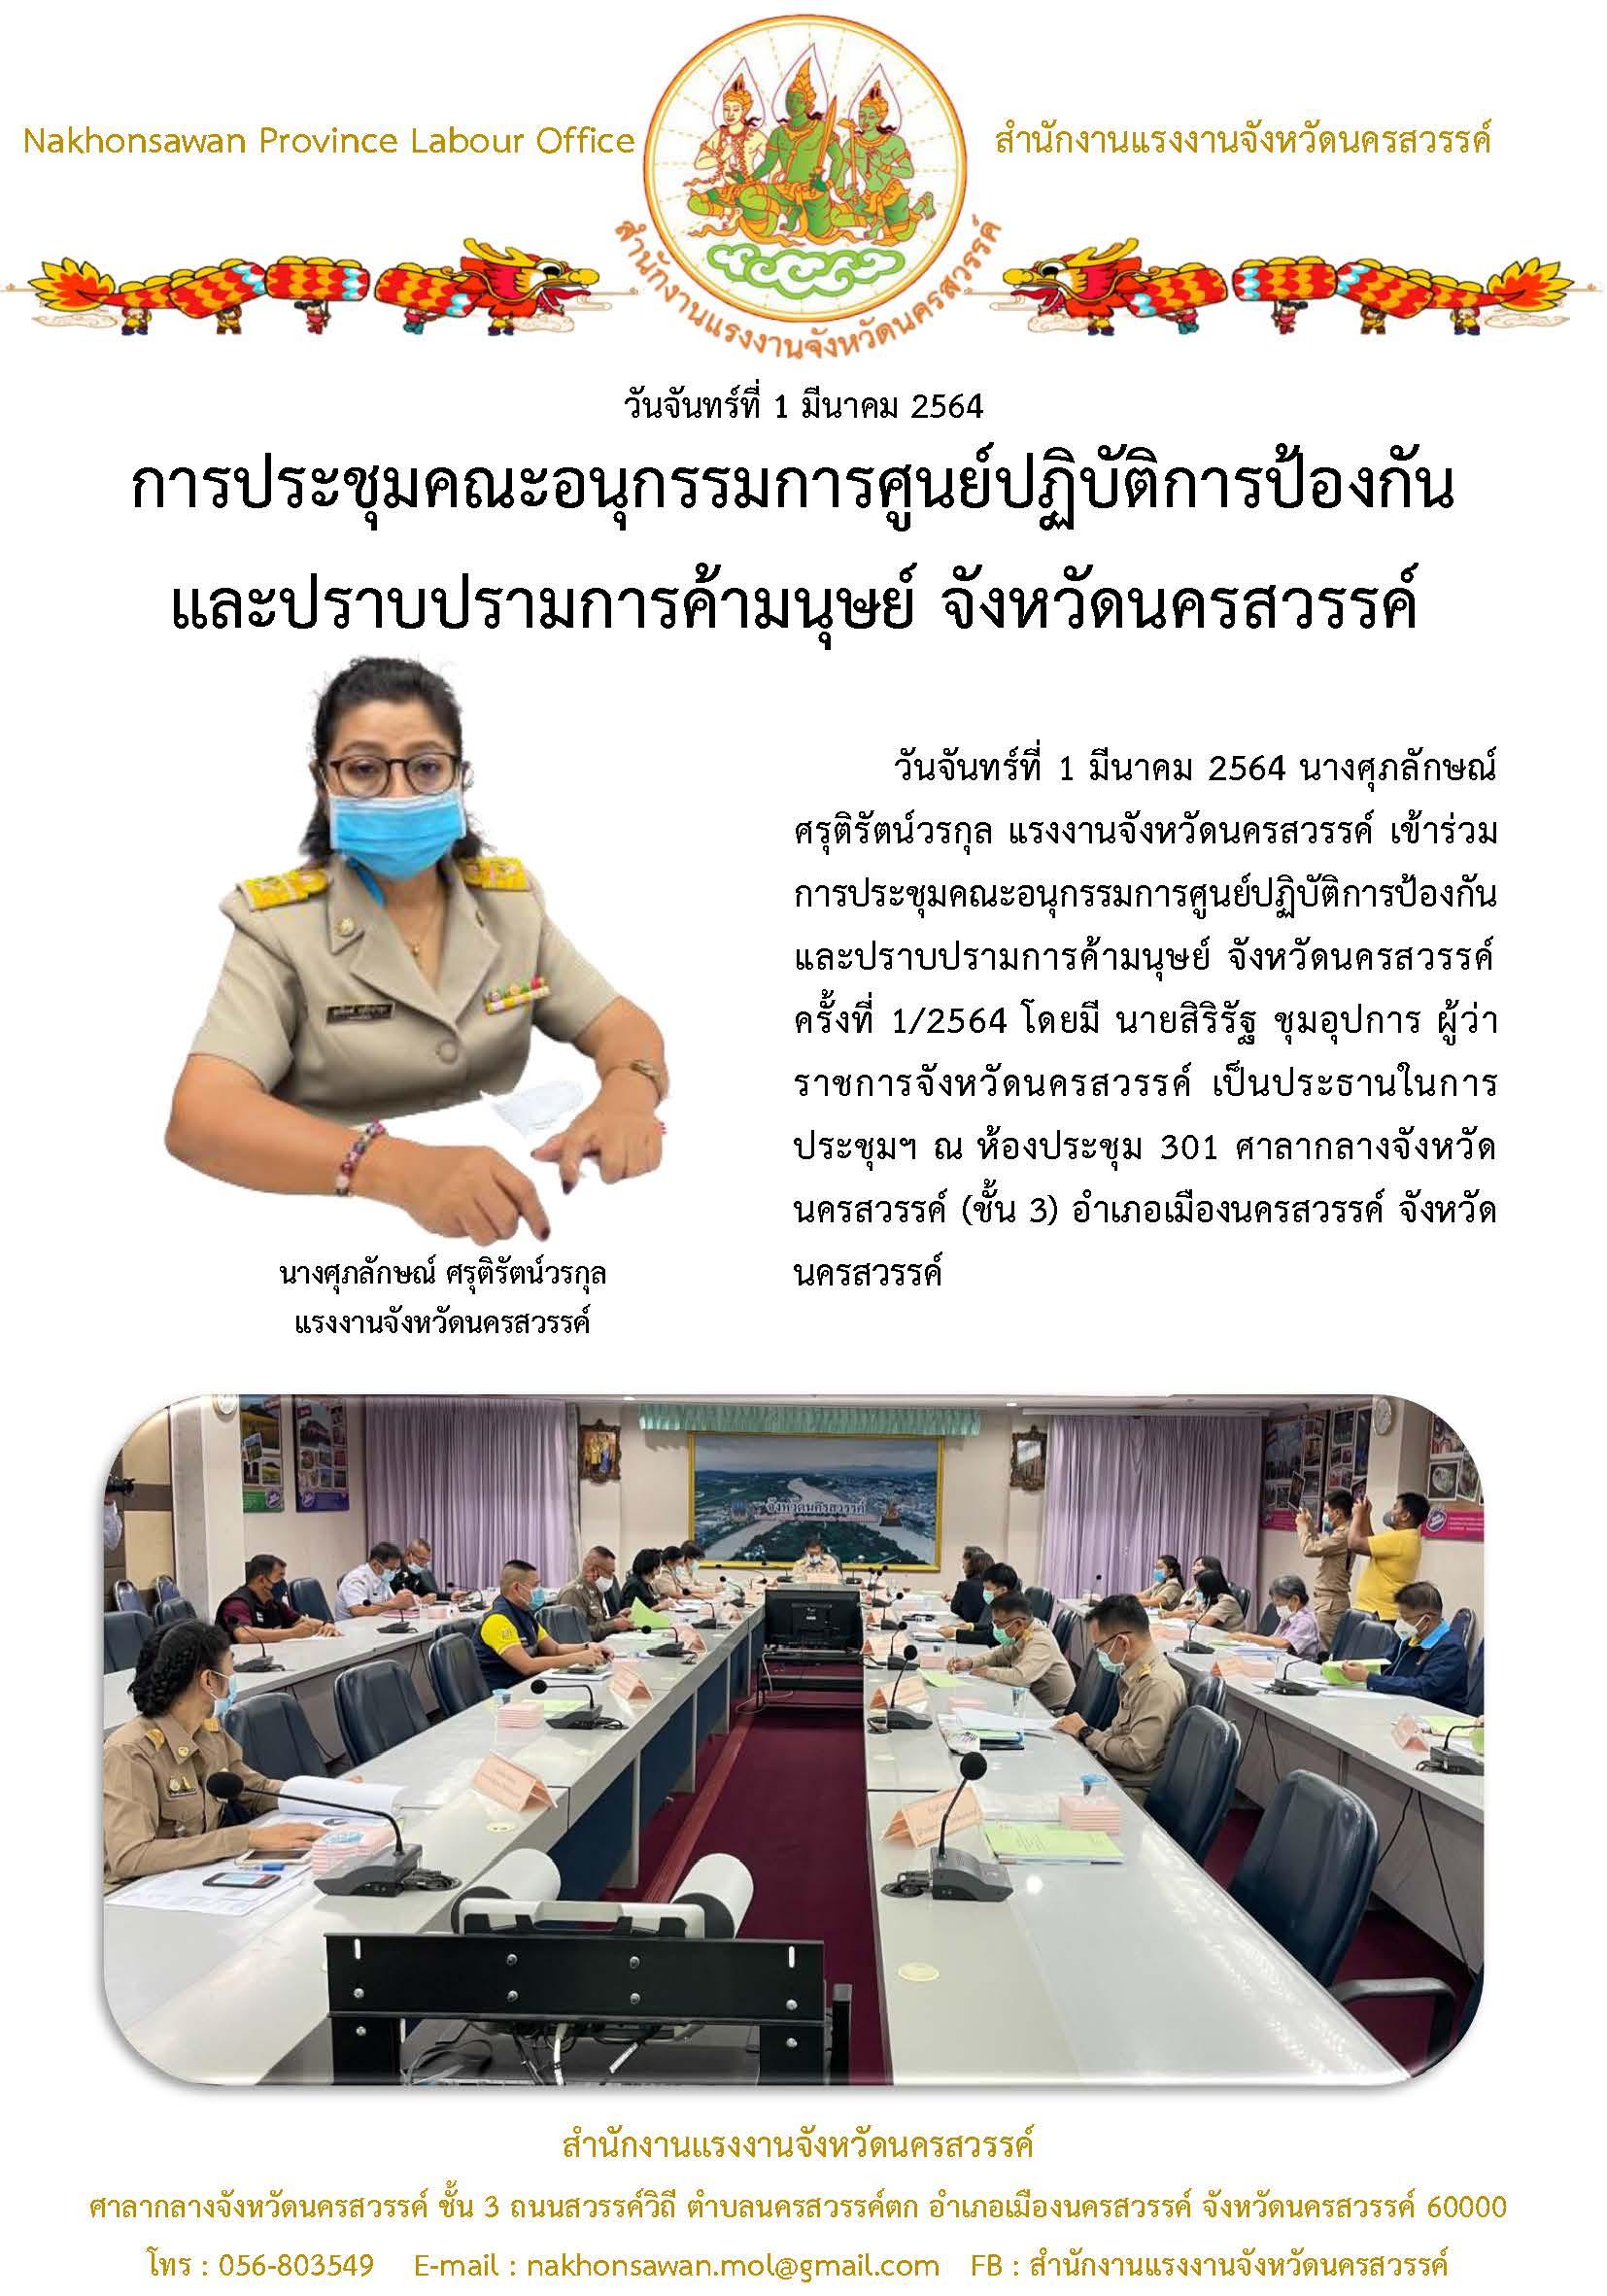 สำนักงานแรงงานจังหวัดนครสวรรค์ ร่วมการประชุมคณะอนุกรรมการศูนย์ปฏิบัติการป้องกันและปราบปรามการค้ามนุษย์ จังหวัดนครสวรรค์